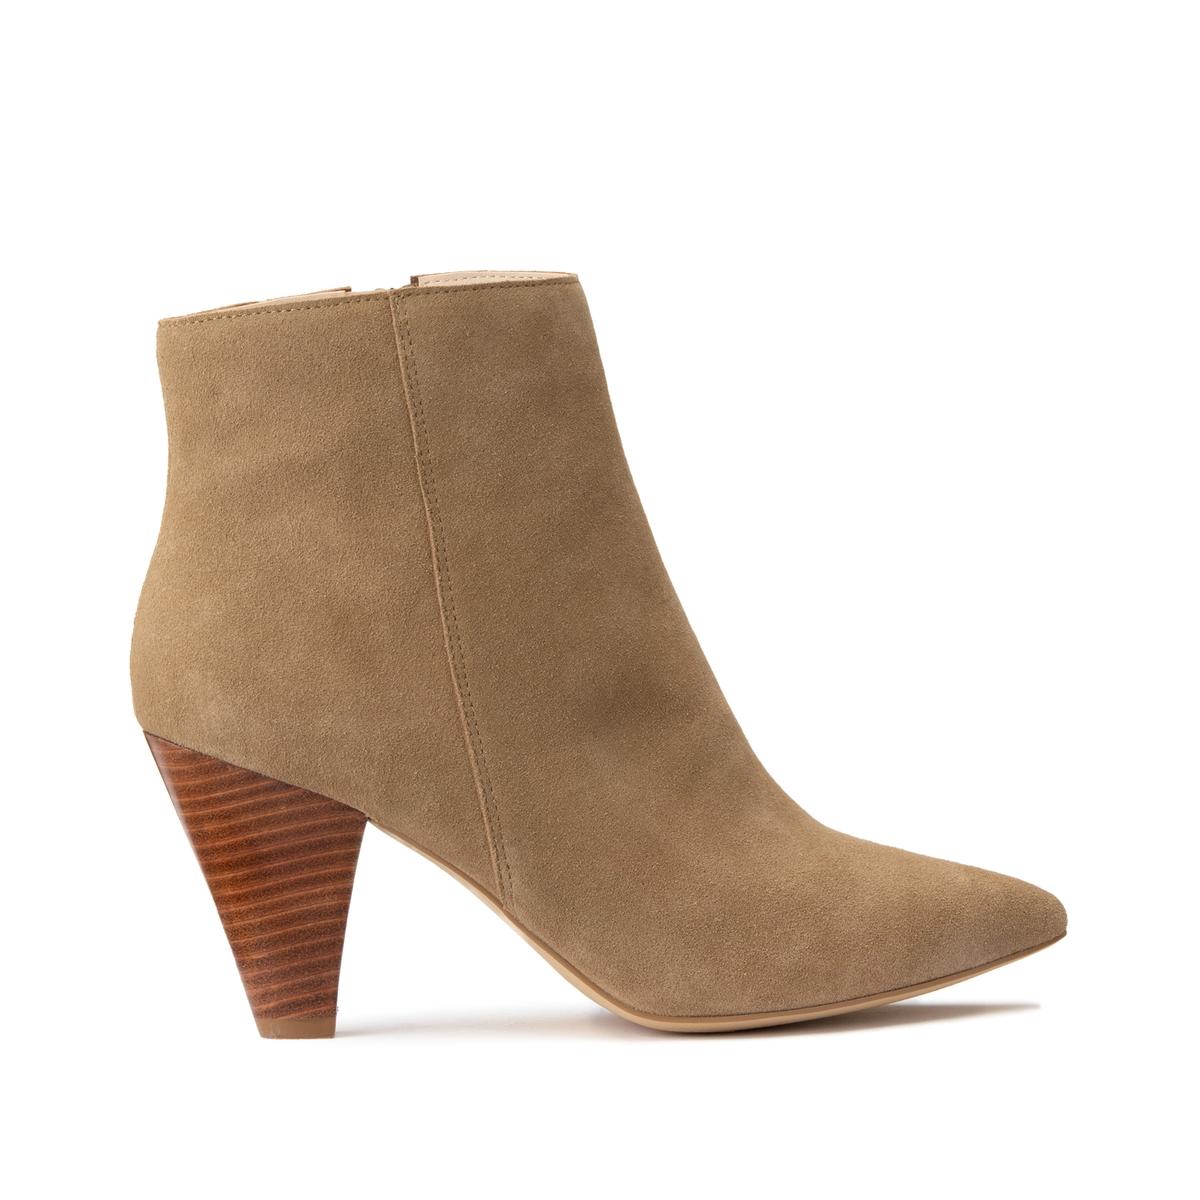 Ботинки La Redoute Из кожи на высоком каблуке с заостренным мысом 40 бежевый